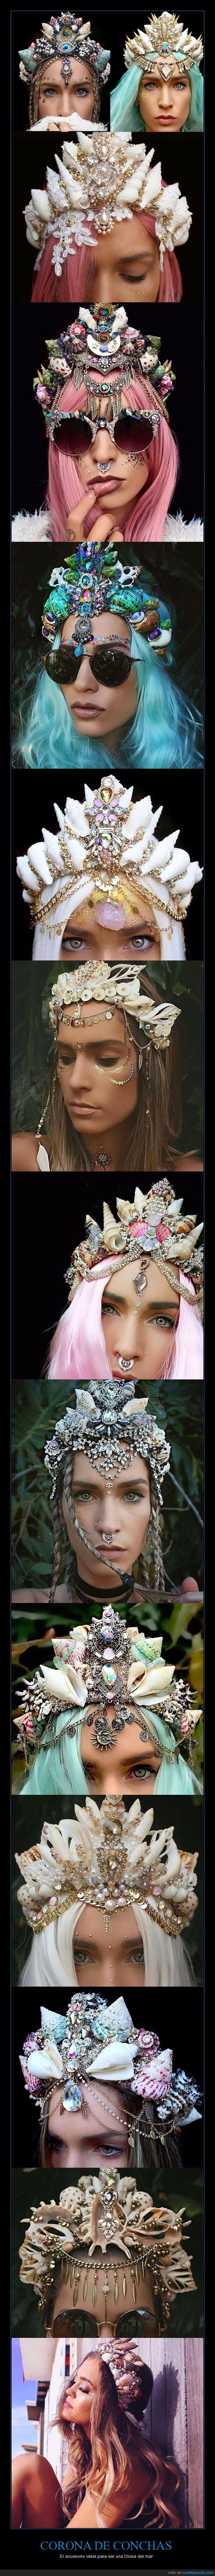 cabeza,conchas,coronas,ornamento